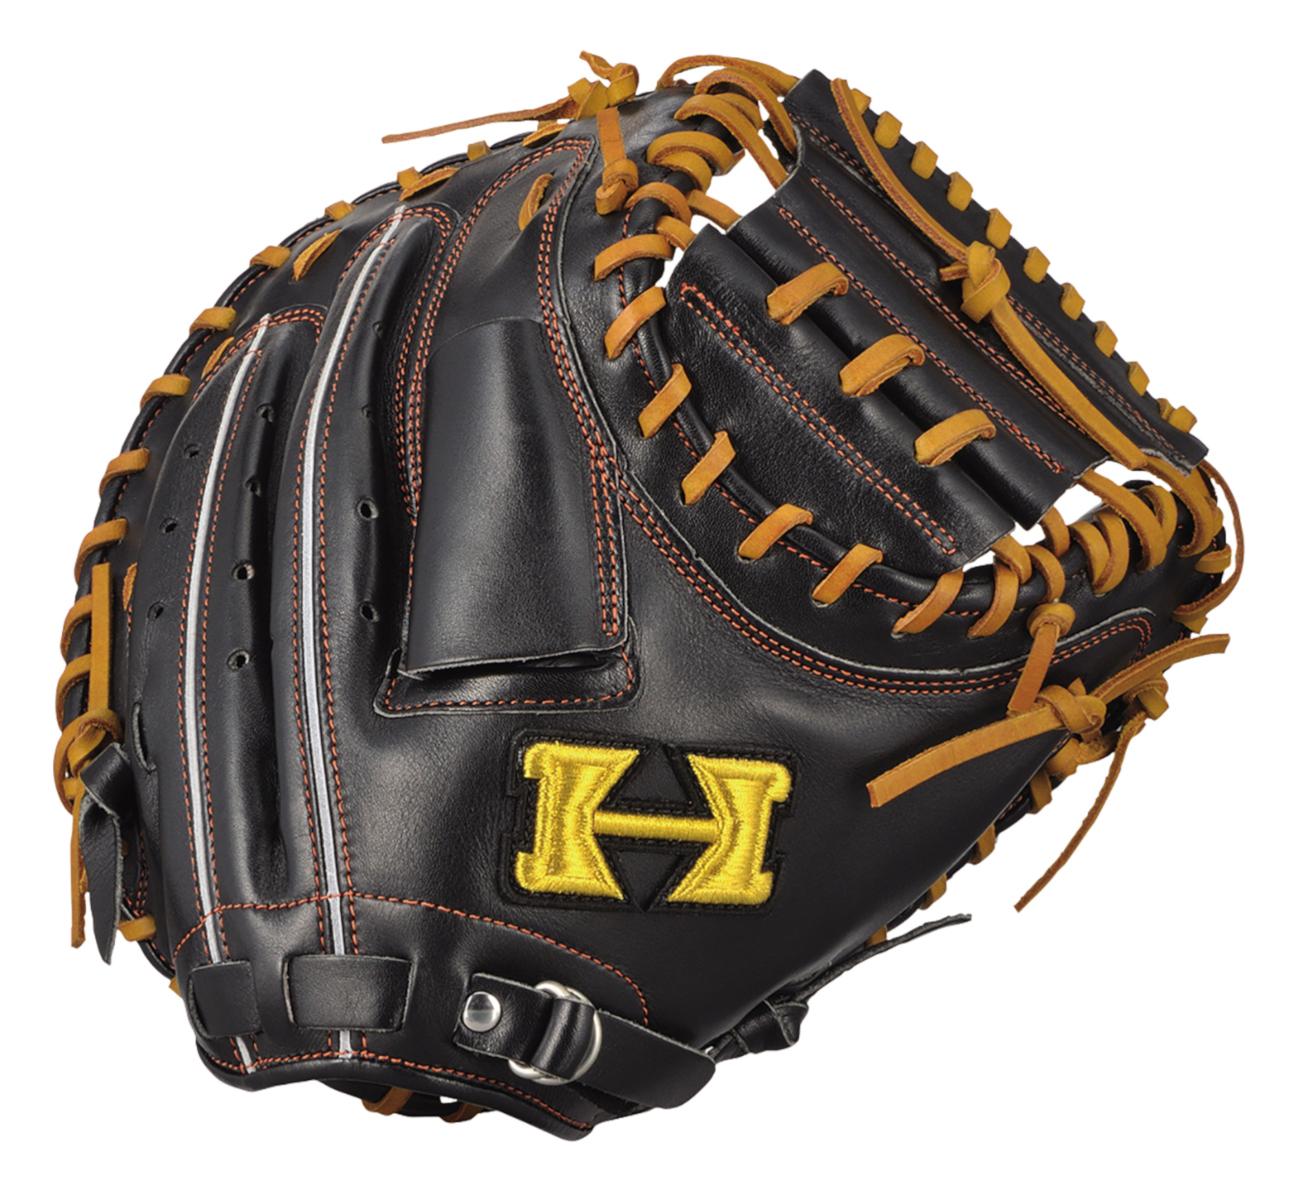 ハイゴールド 軟式野球ミット 己極シリーズ 捕手用グローブ ブラック×タン OKG633M